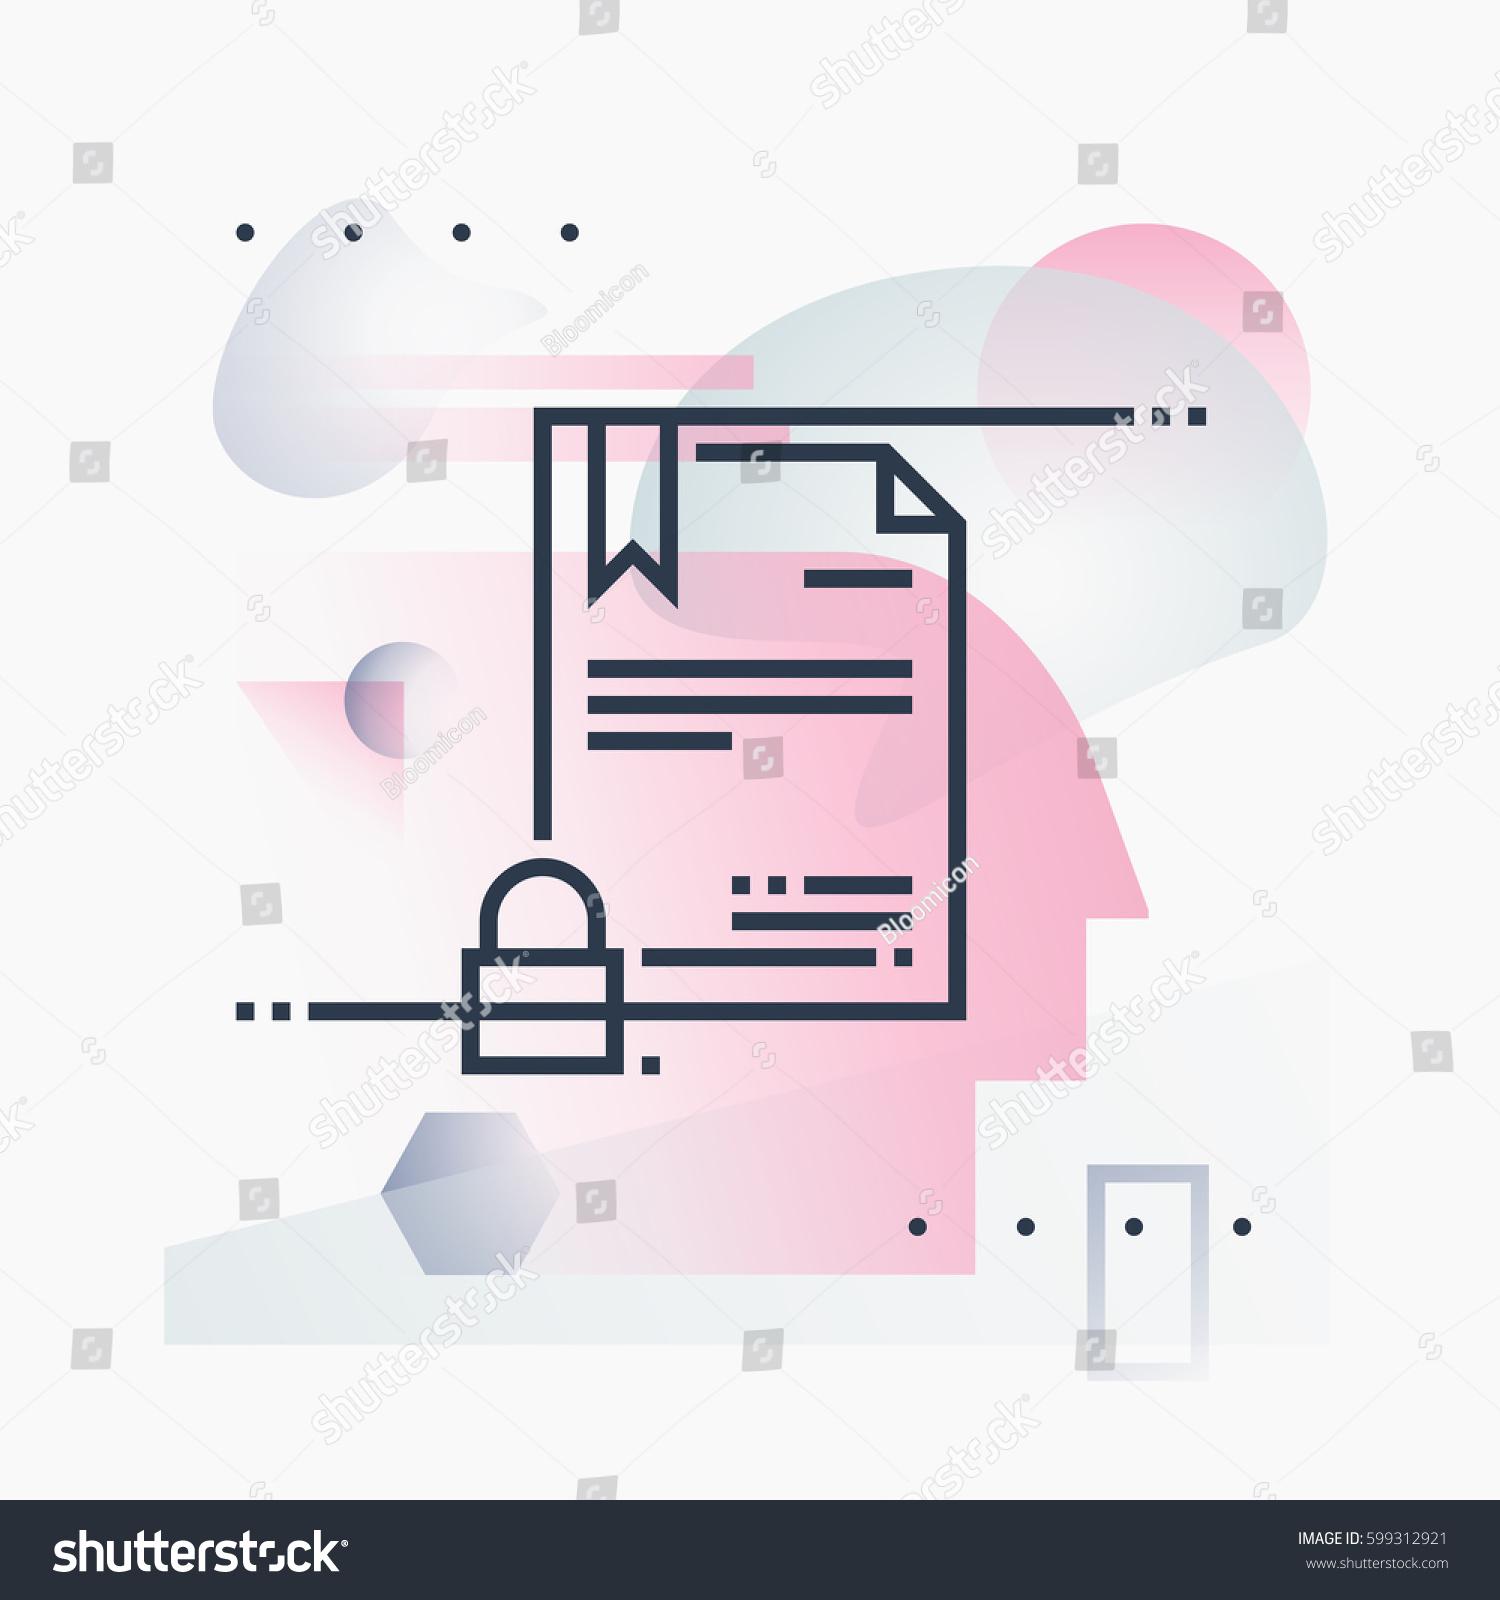 Abstract illustration concept digital certificate security stock abstract illustration concept of digital certificate security online papers technology premium quality unique graphic xflitez Images